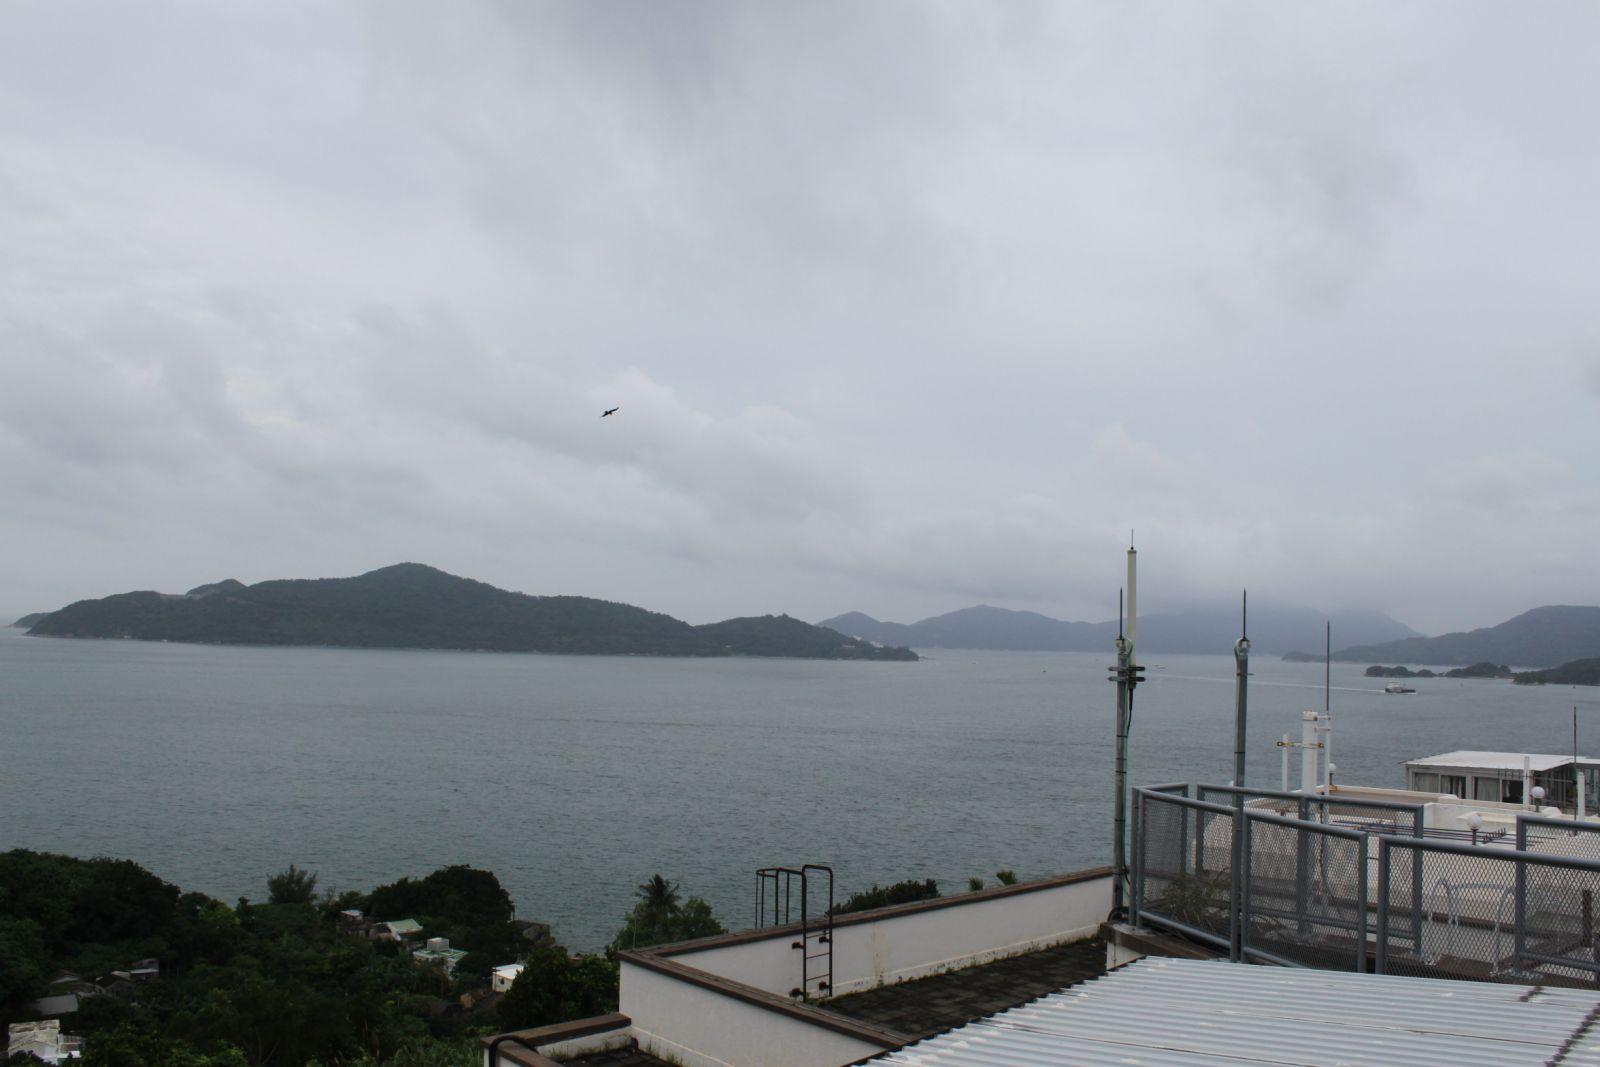 Остров Пенг Чау VR2/IV3TAN Направление на США длинным путем